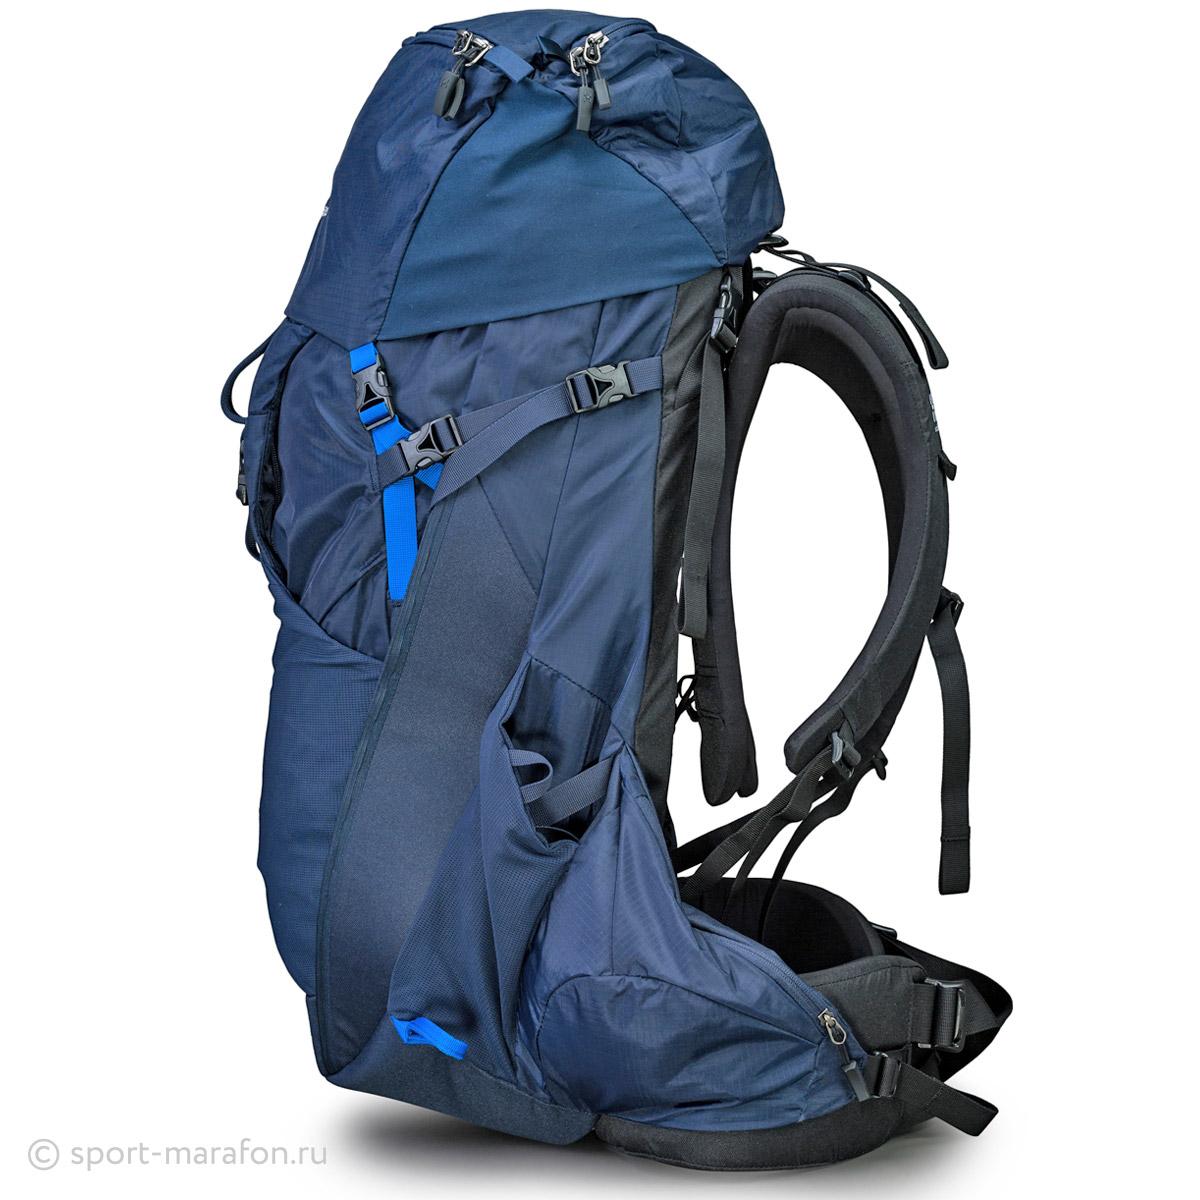 Ребенка в туристический лагерь какой нужен рюкзак как следует упаковывать рюкзак в поход